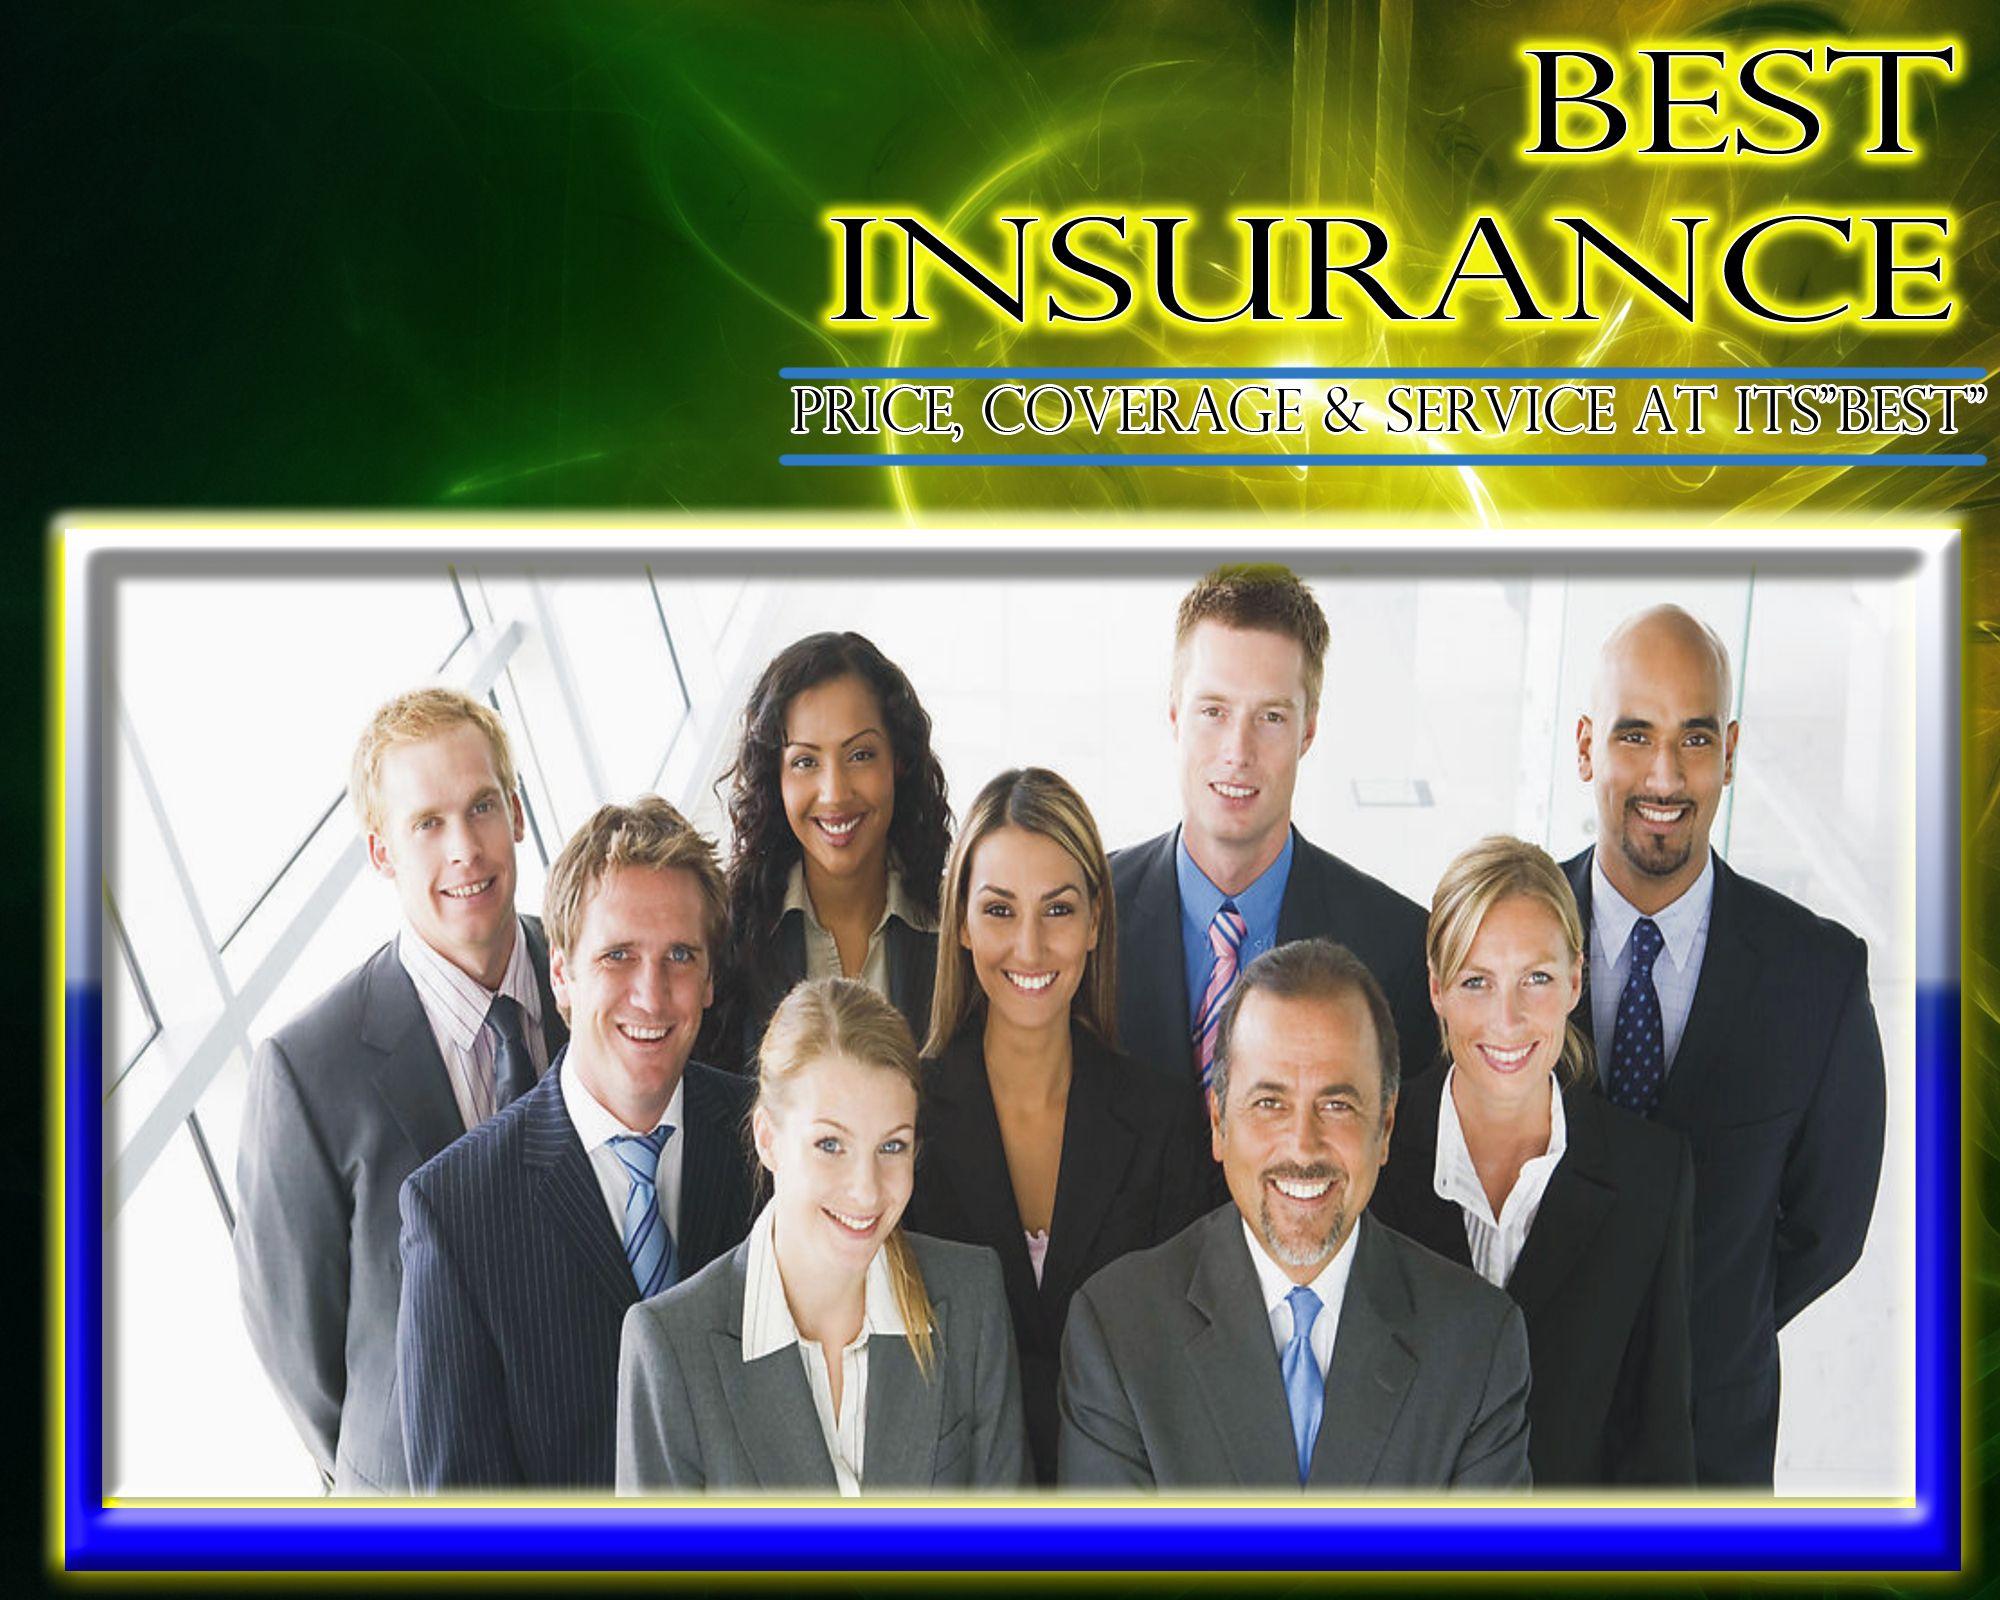 AutoInsuranceFt.Lauderdale Group Insurance Best